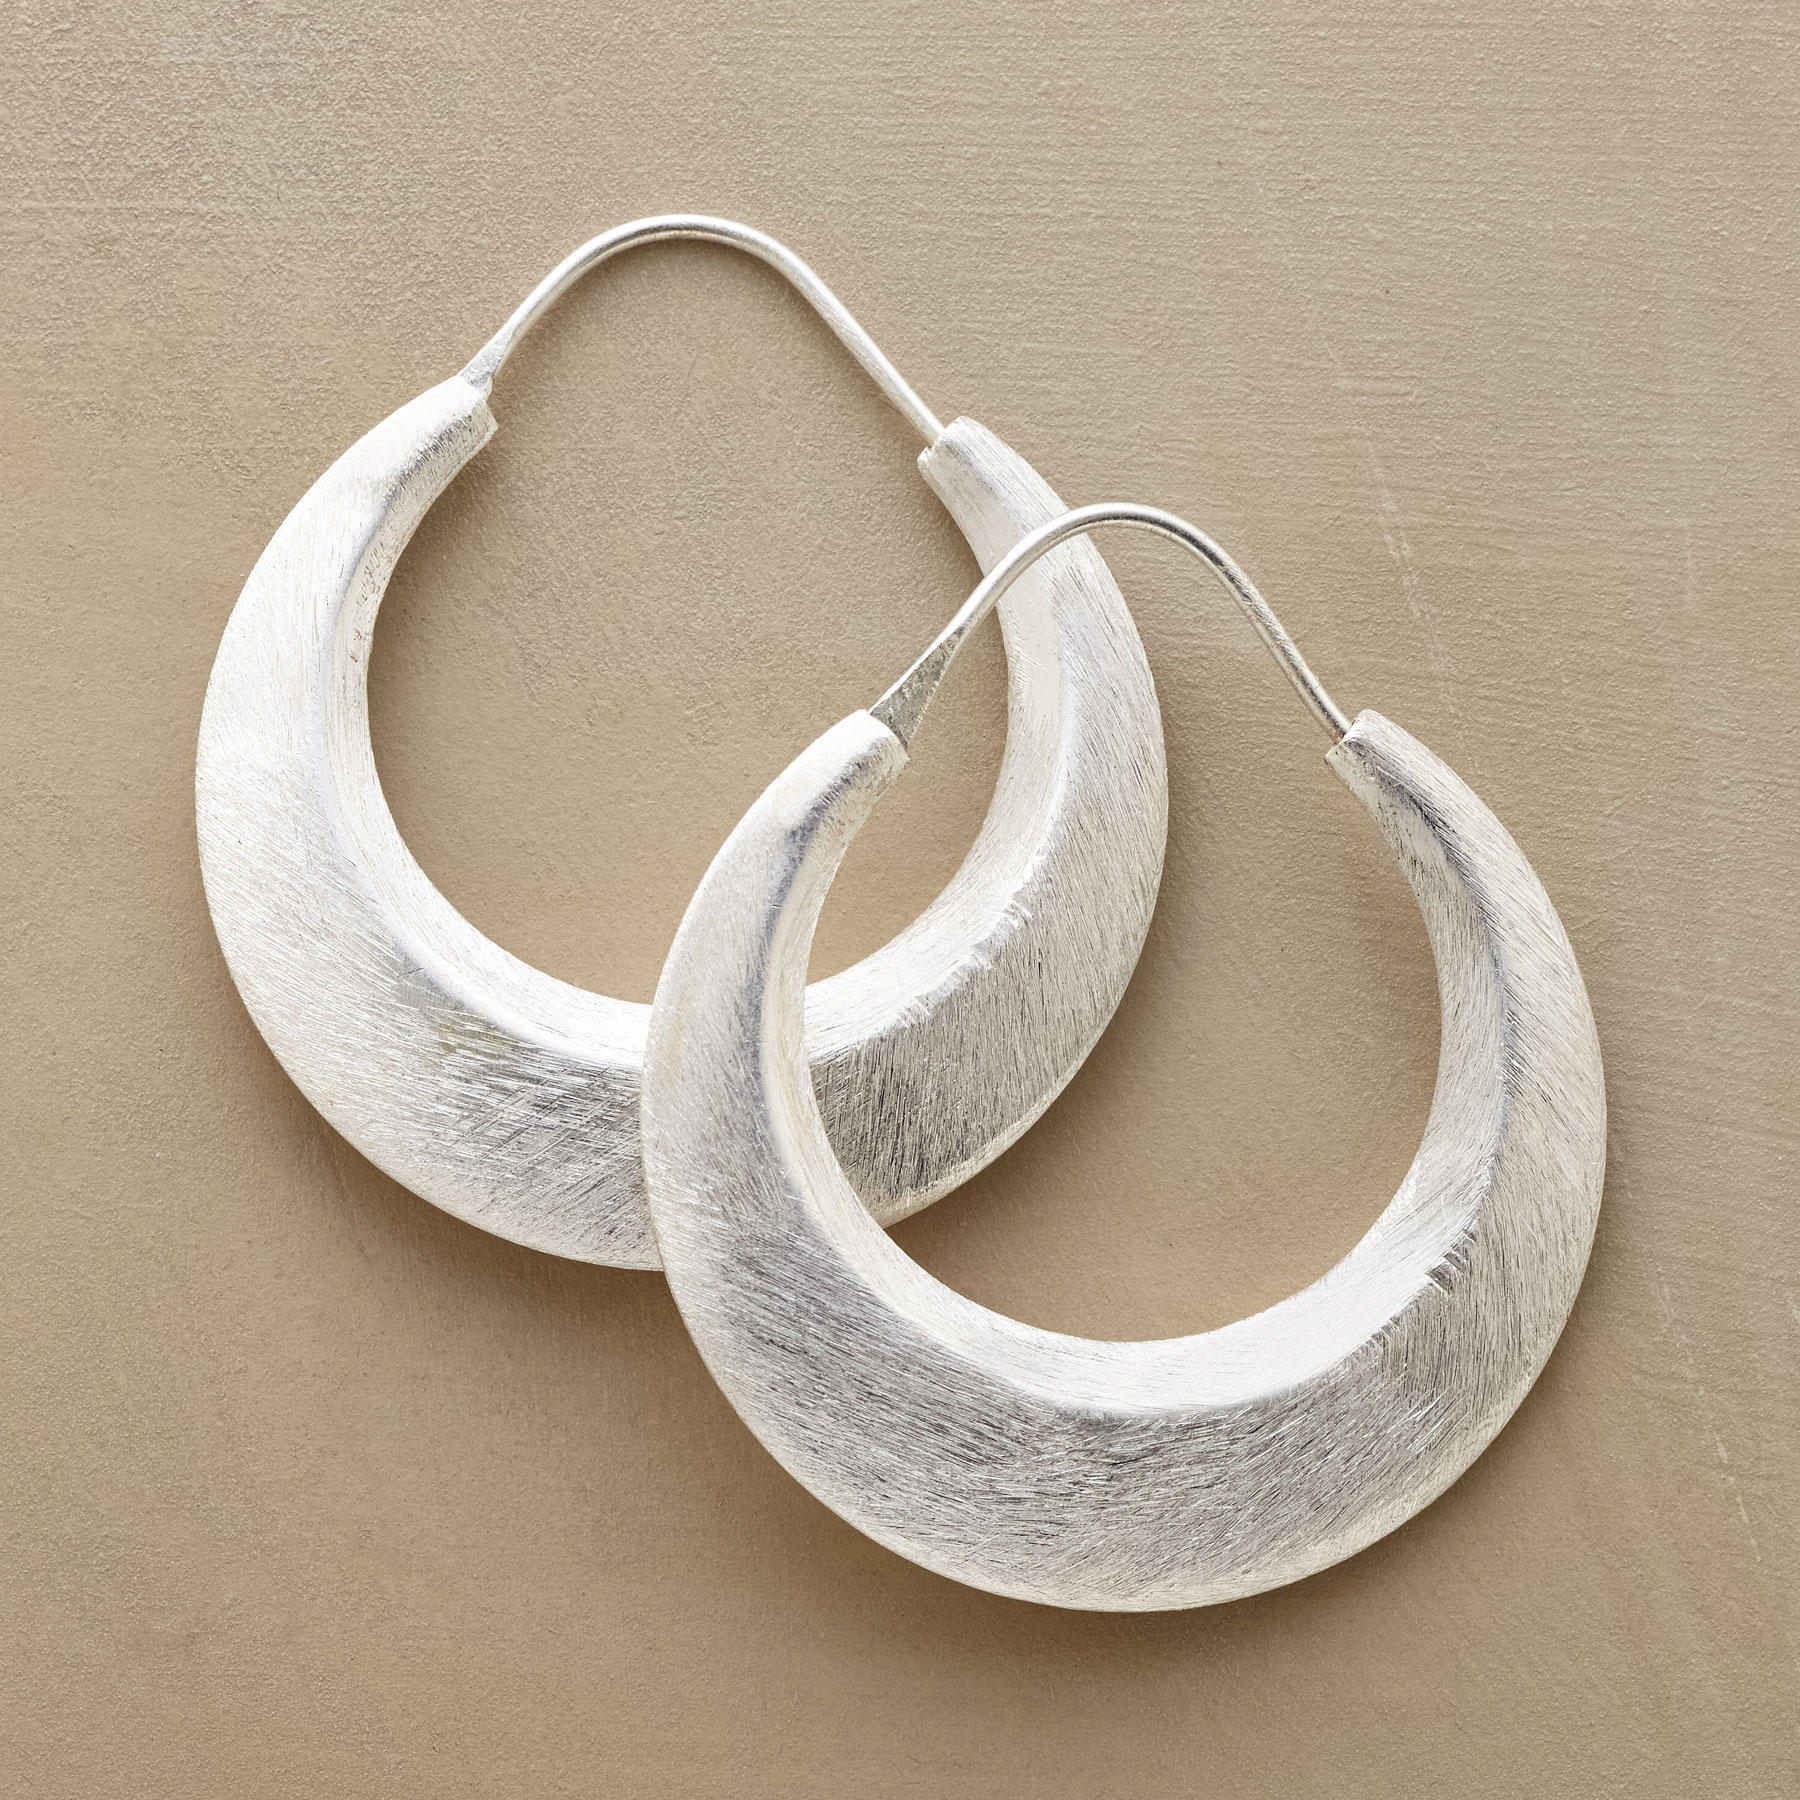 Nile Moon Hoop Earrings